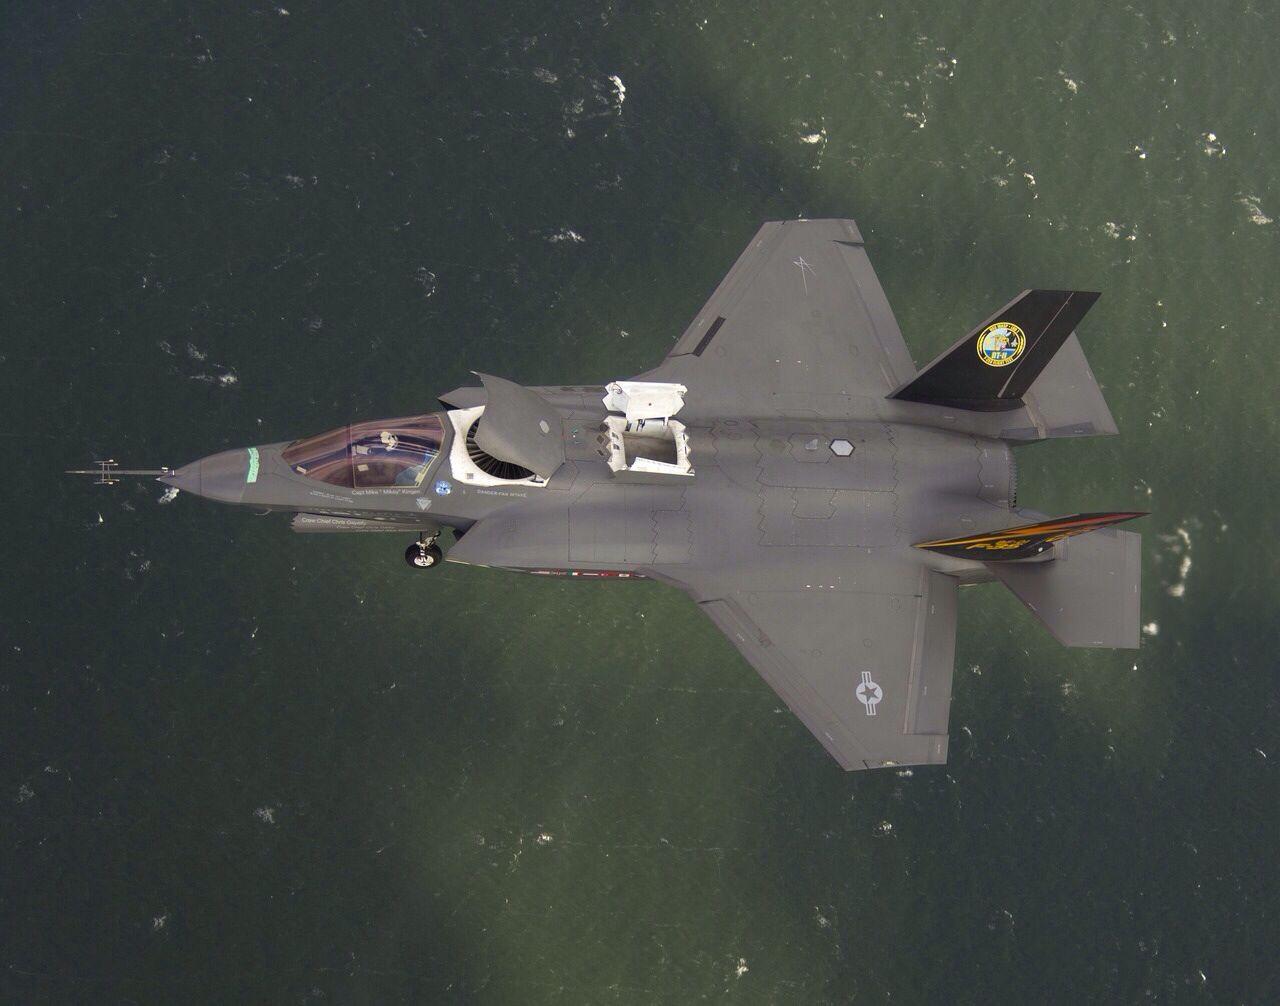 F-35 Lightning in SVTOL mode